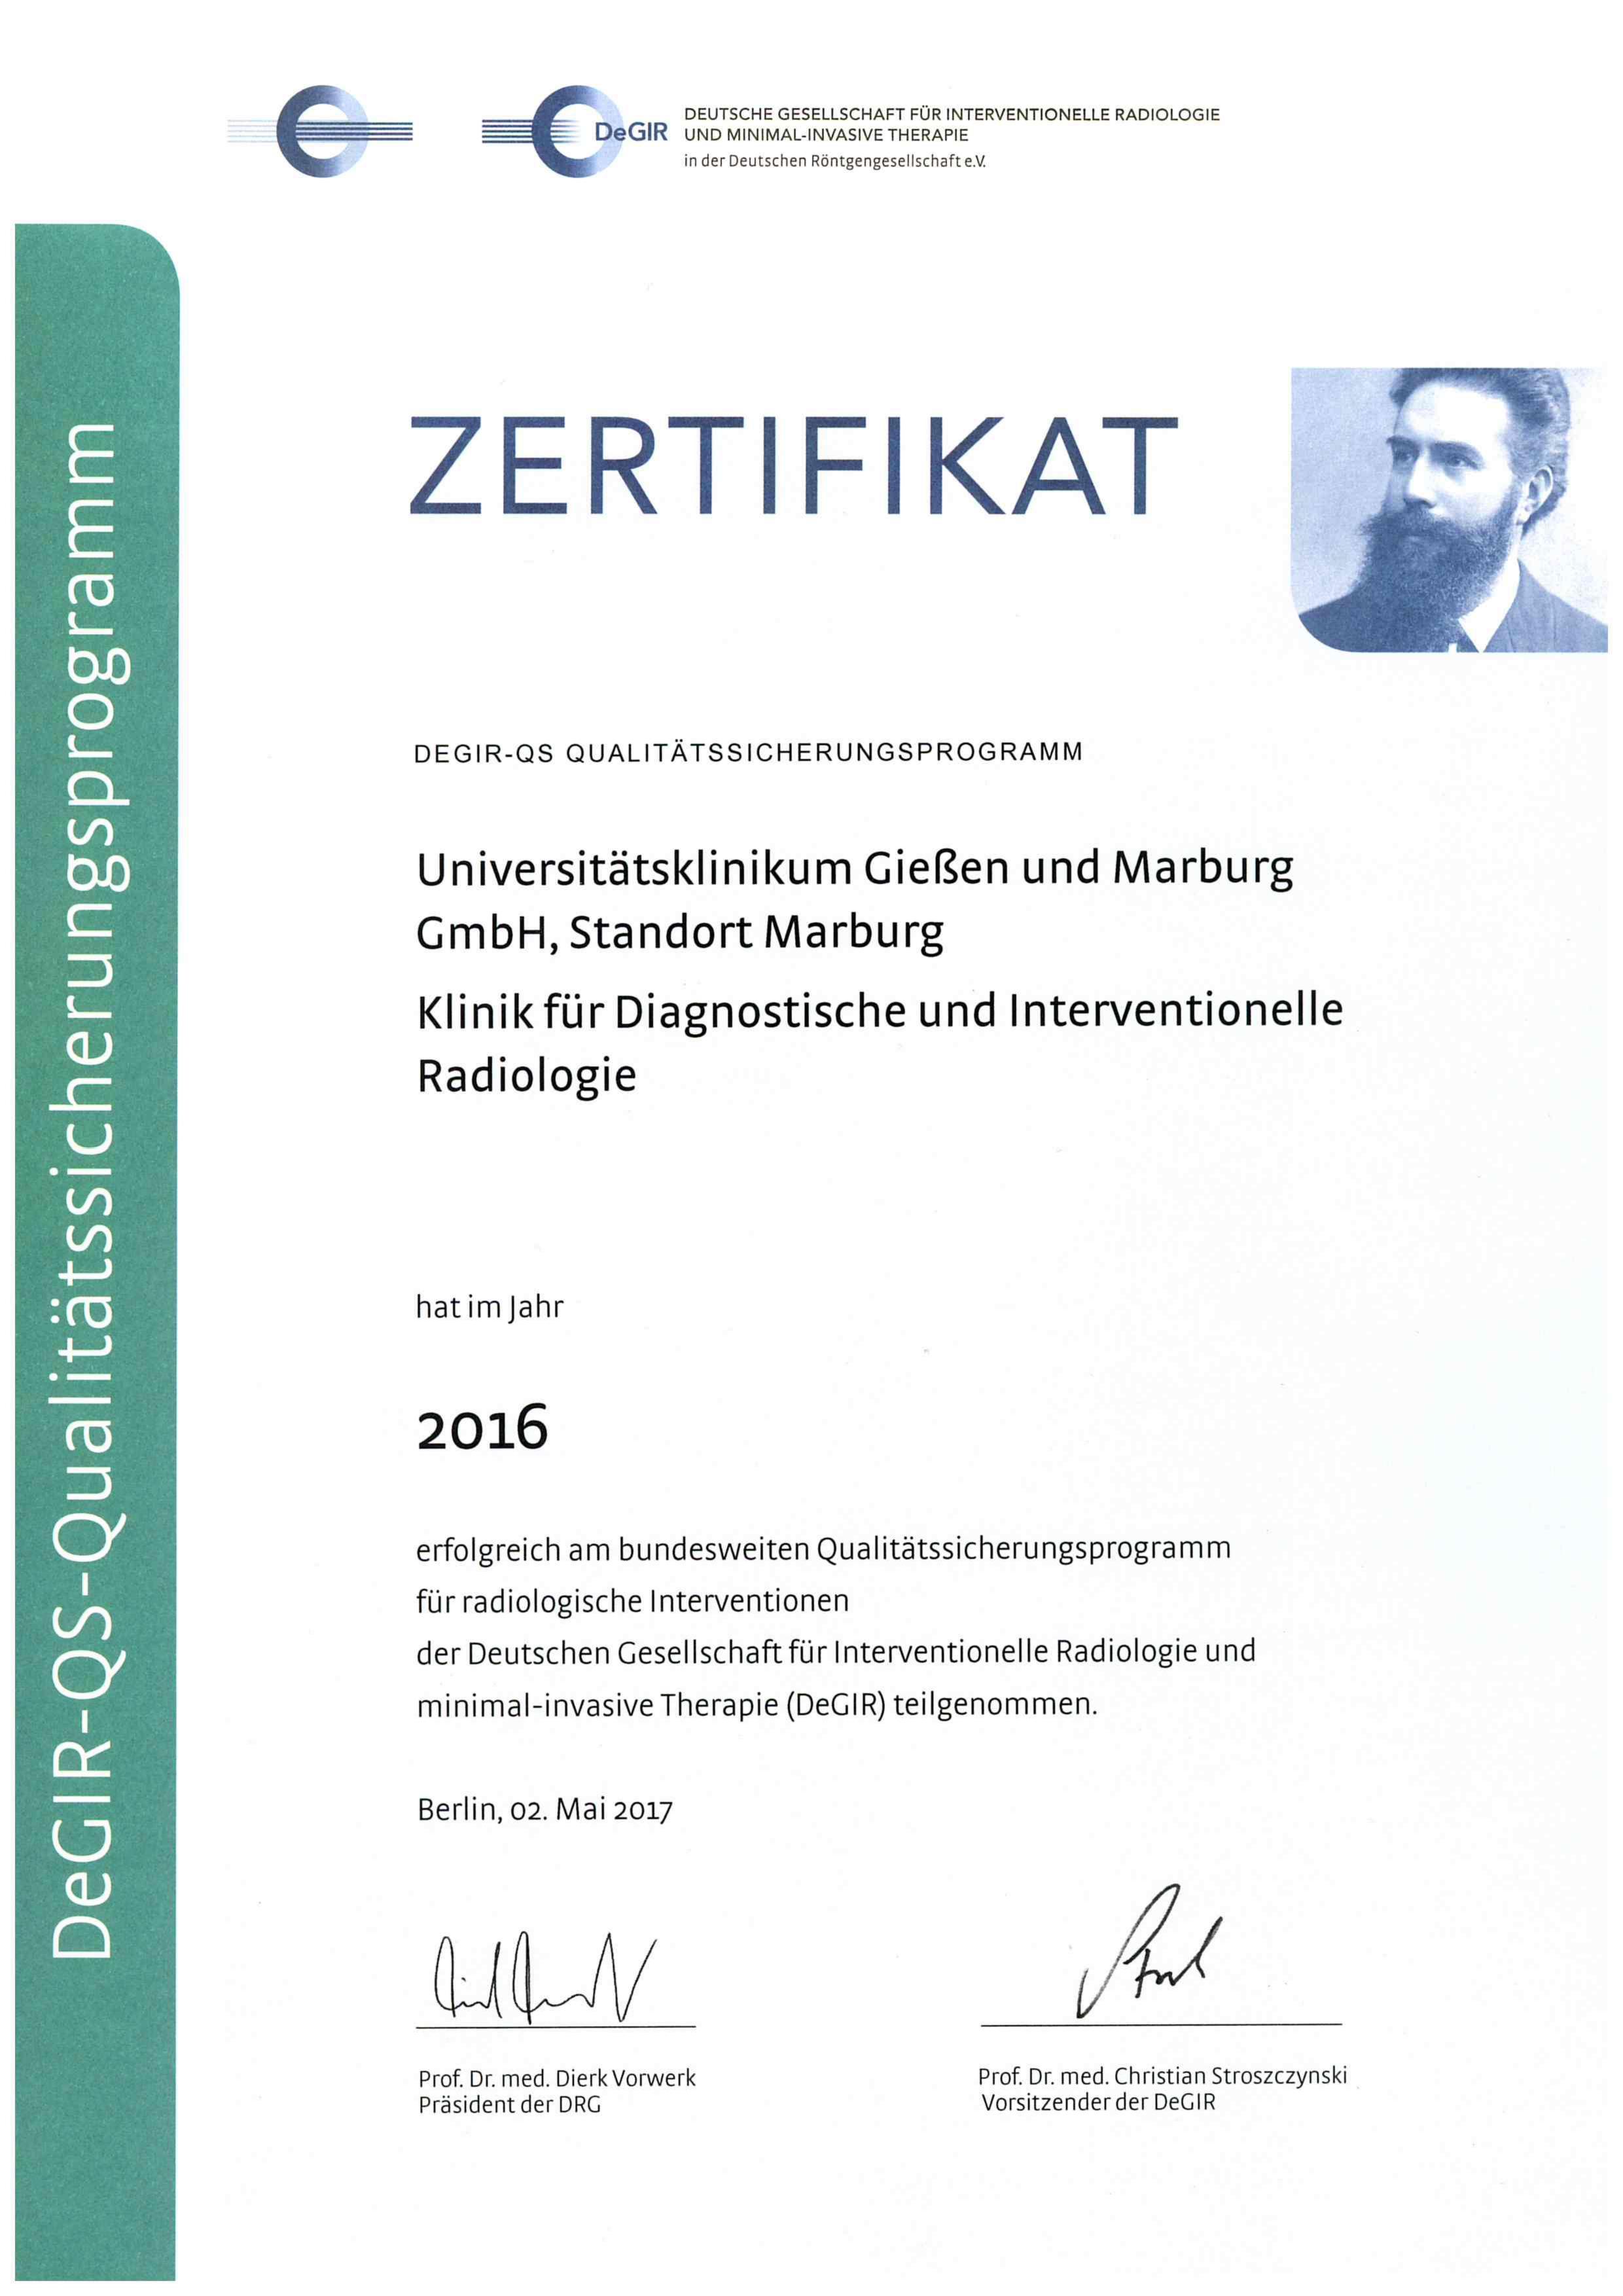 Gemütlich Radiologie Programme Zertifikat Galerie - Menschliche ...